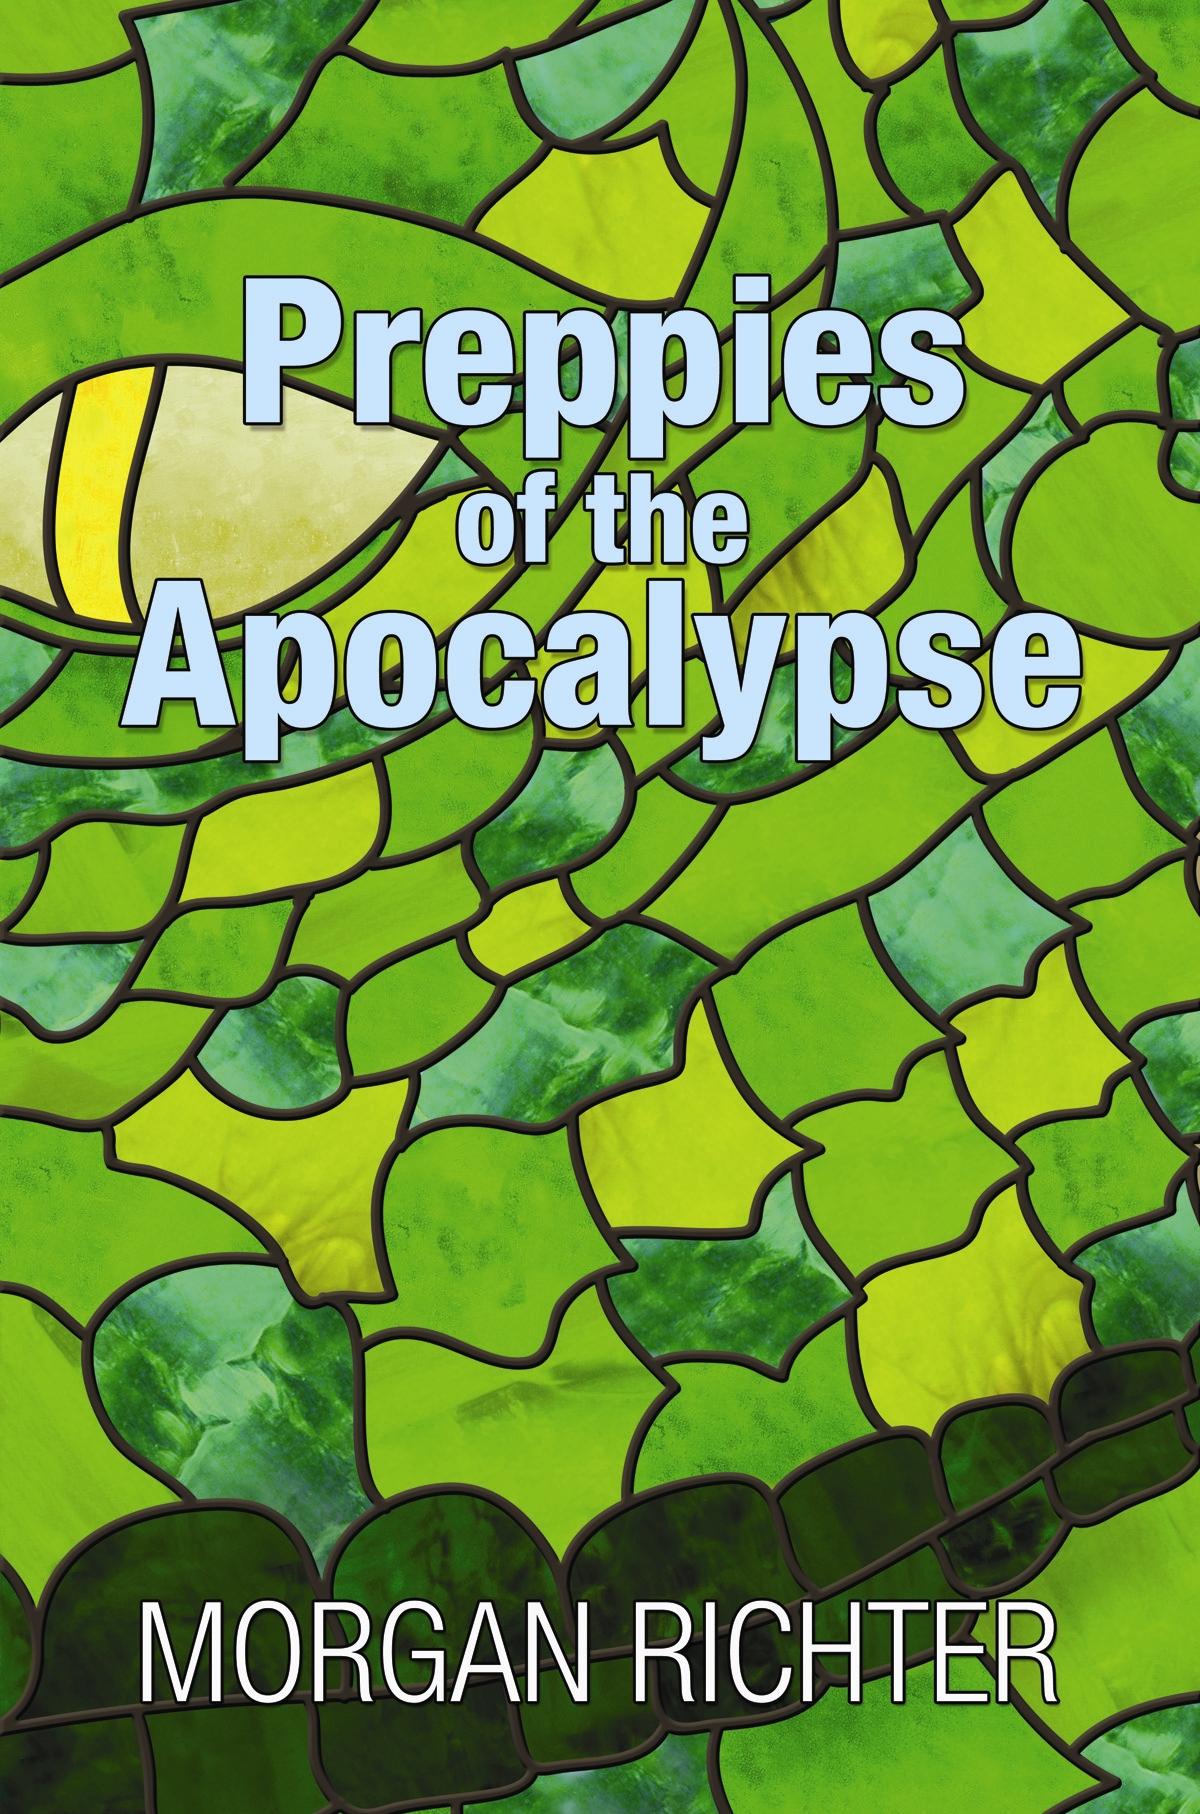 Preppies of the Apocalypse